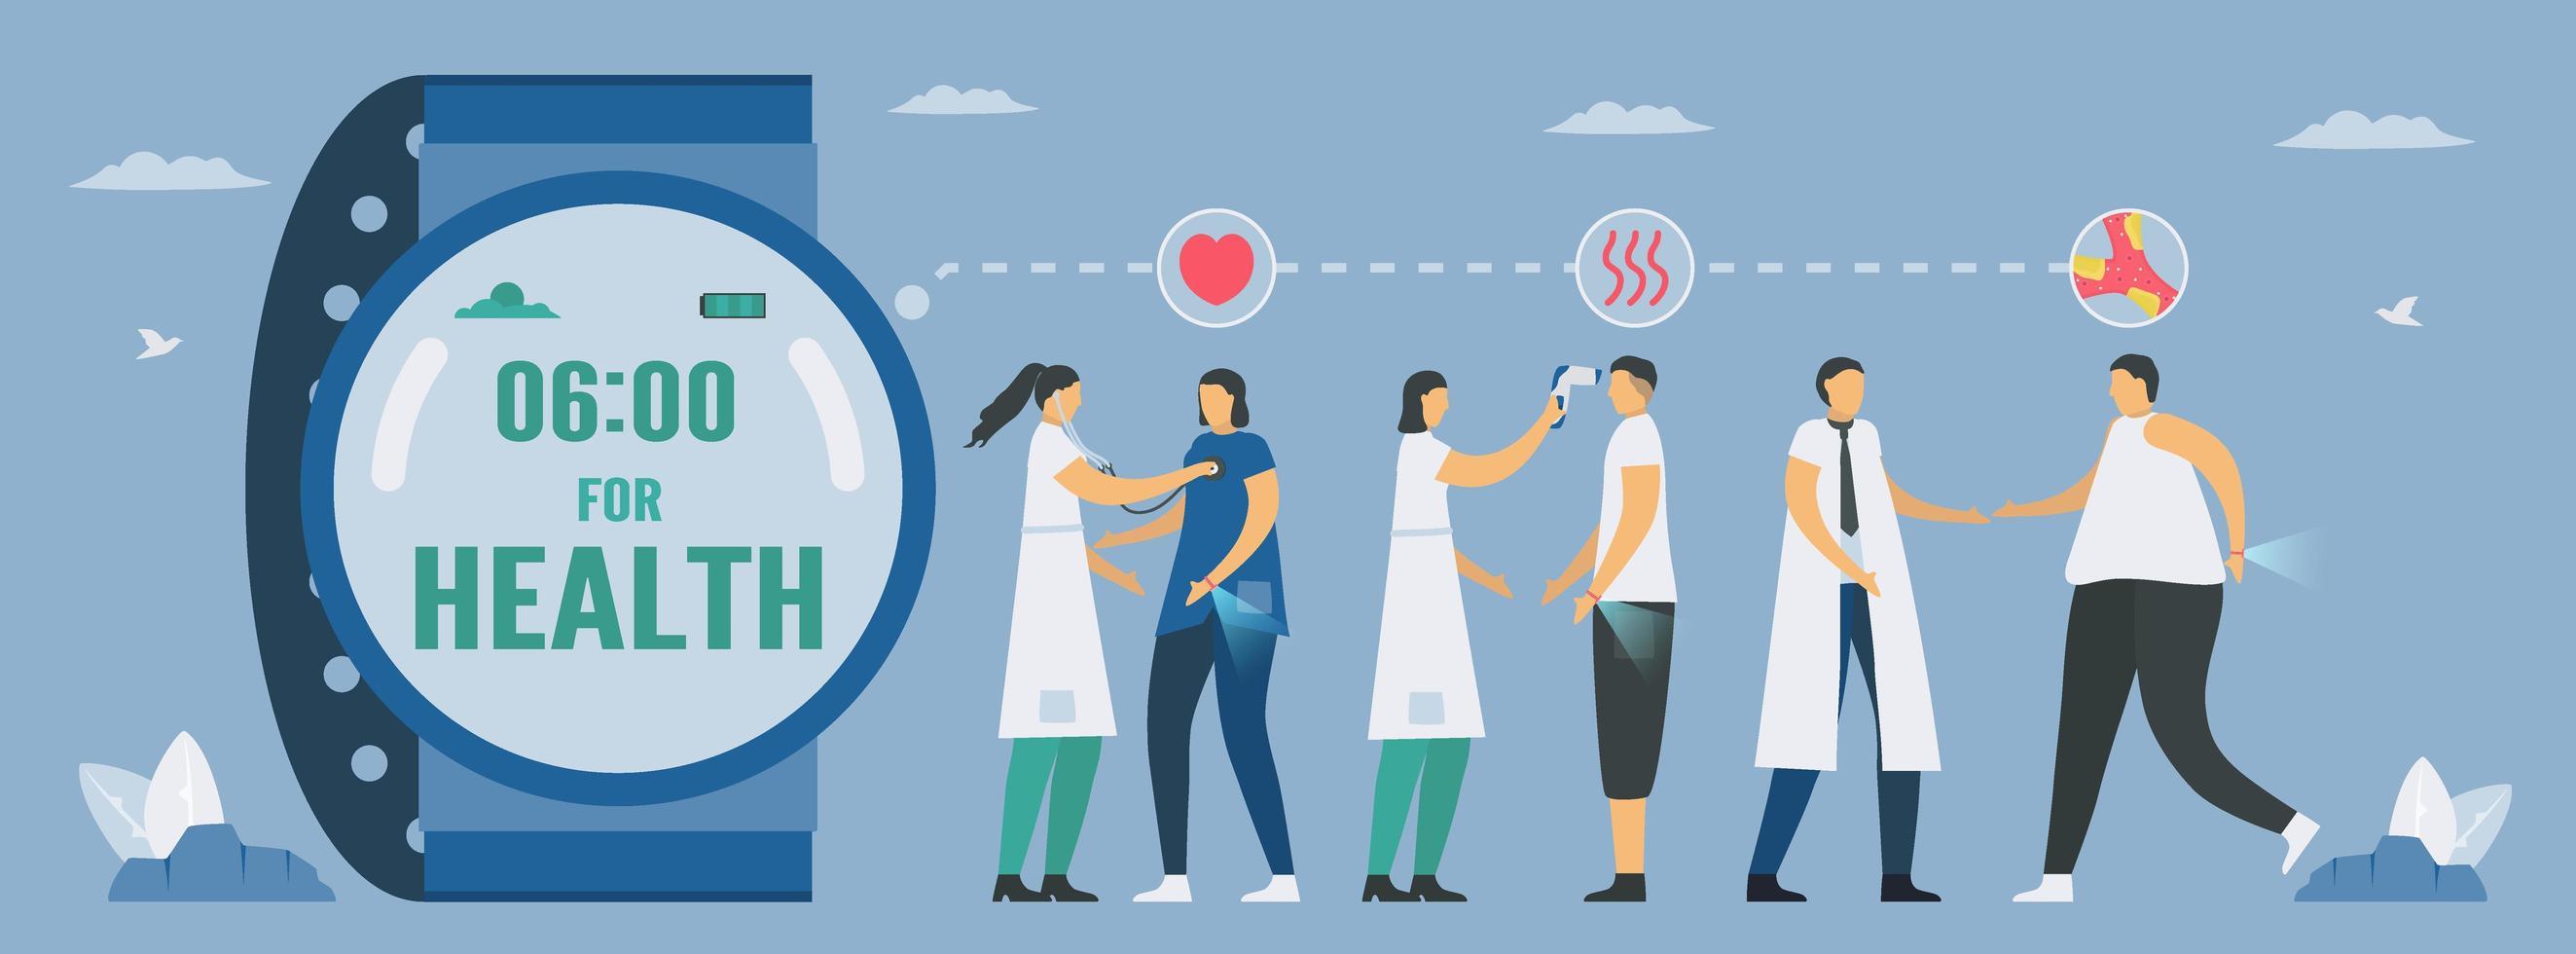 Smartwatch für Gesundheit Zukunftstechnologiedesign vektor